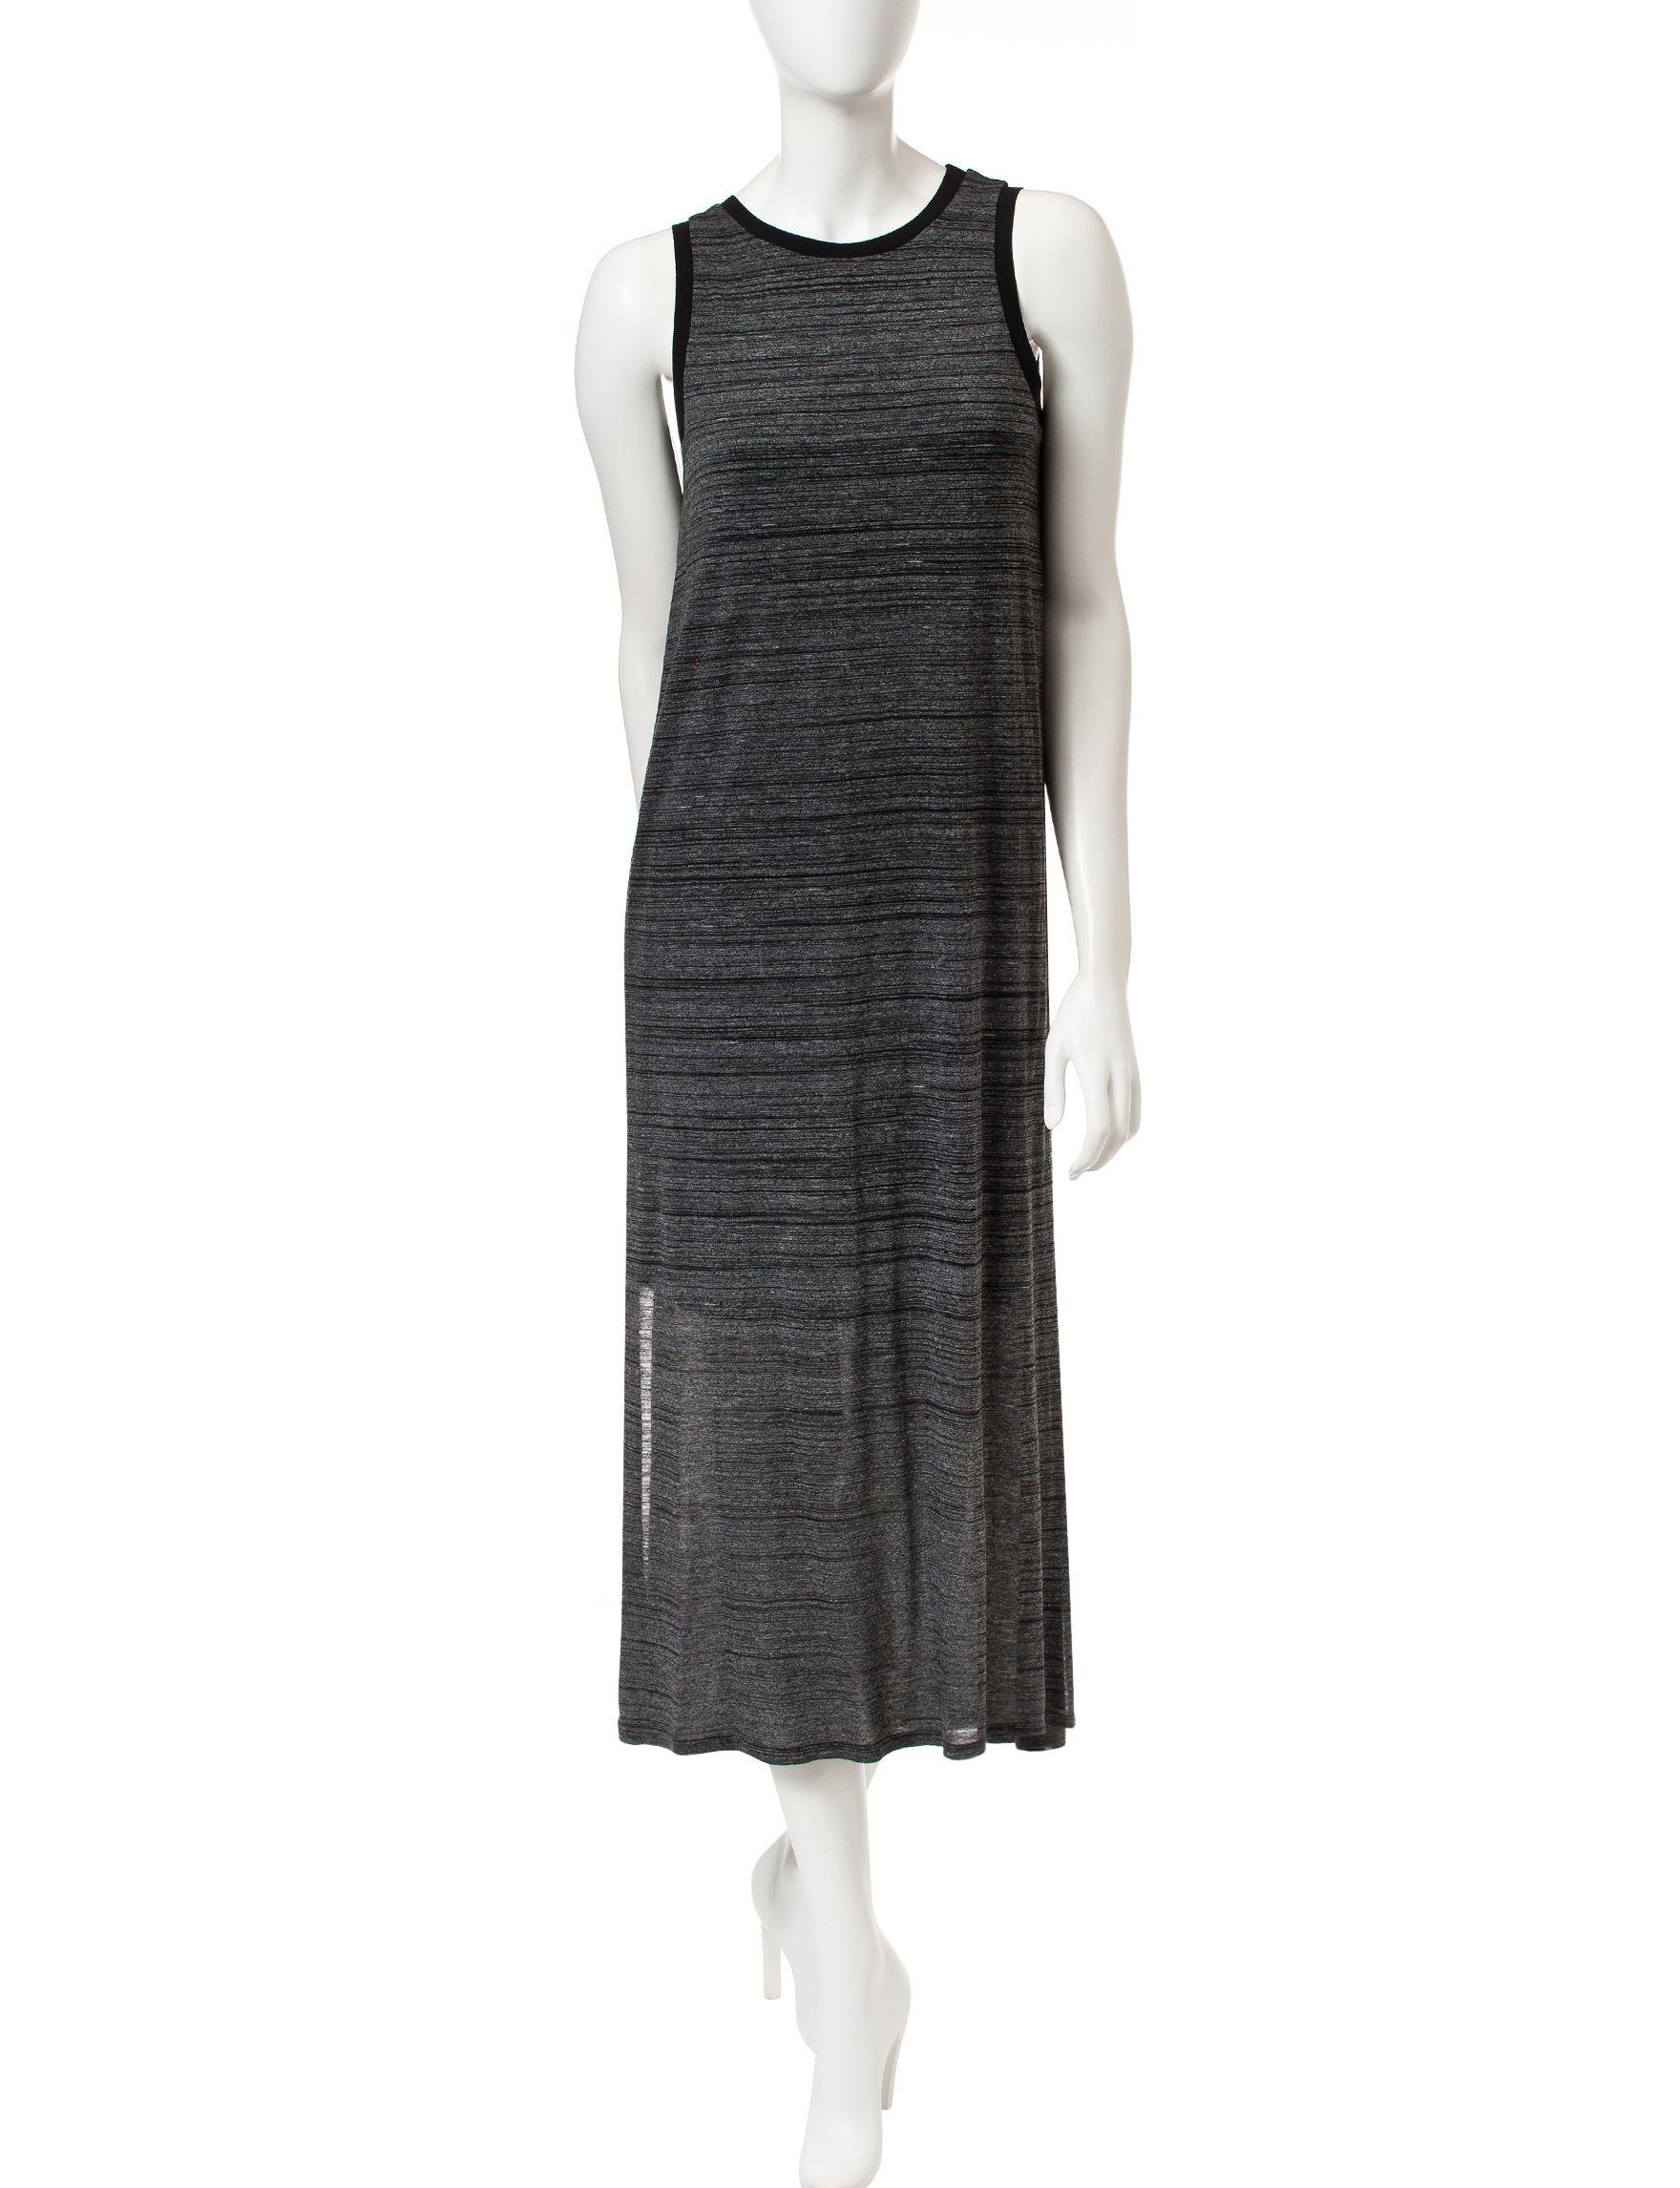 Kensie Black / Grey